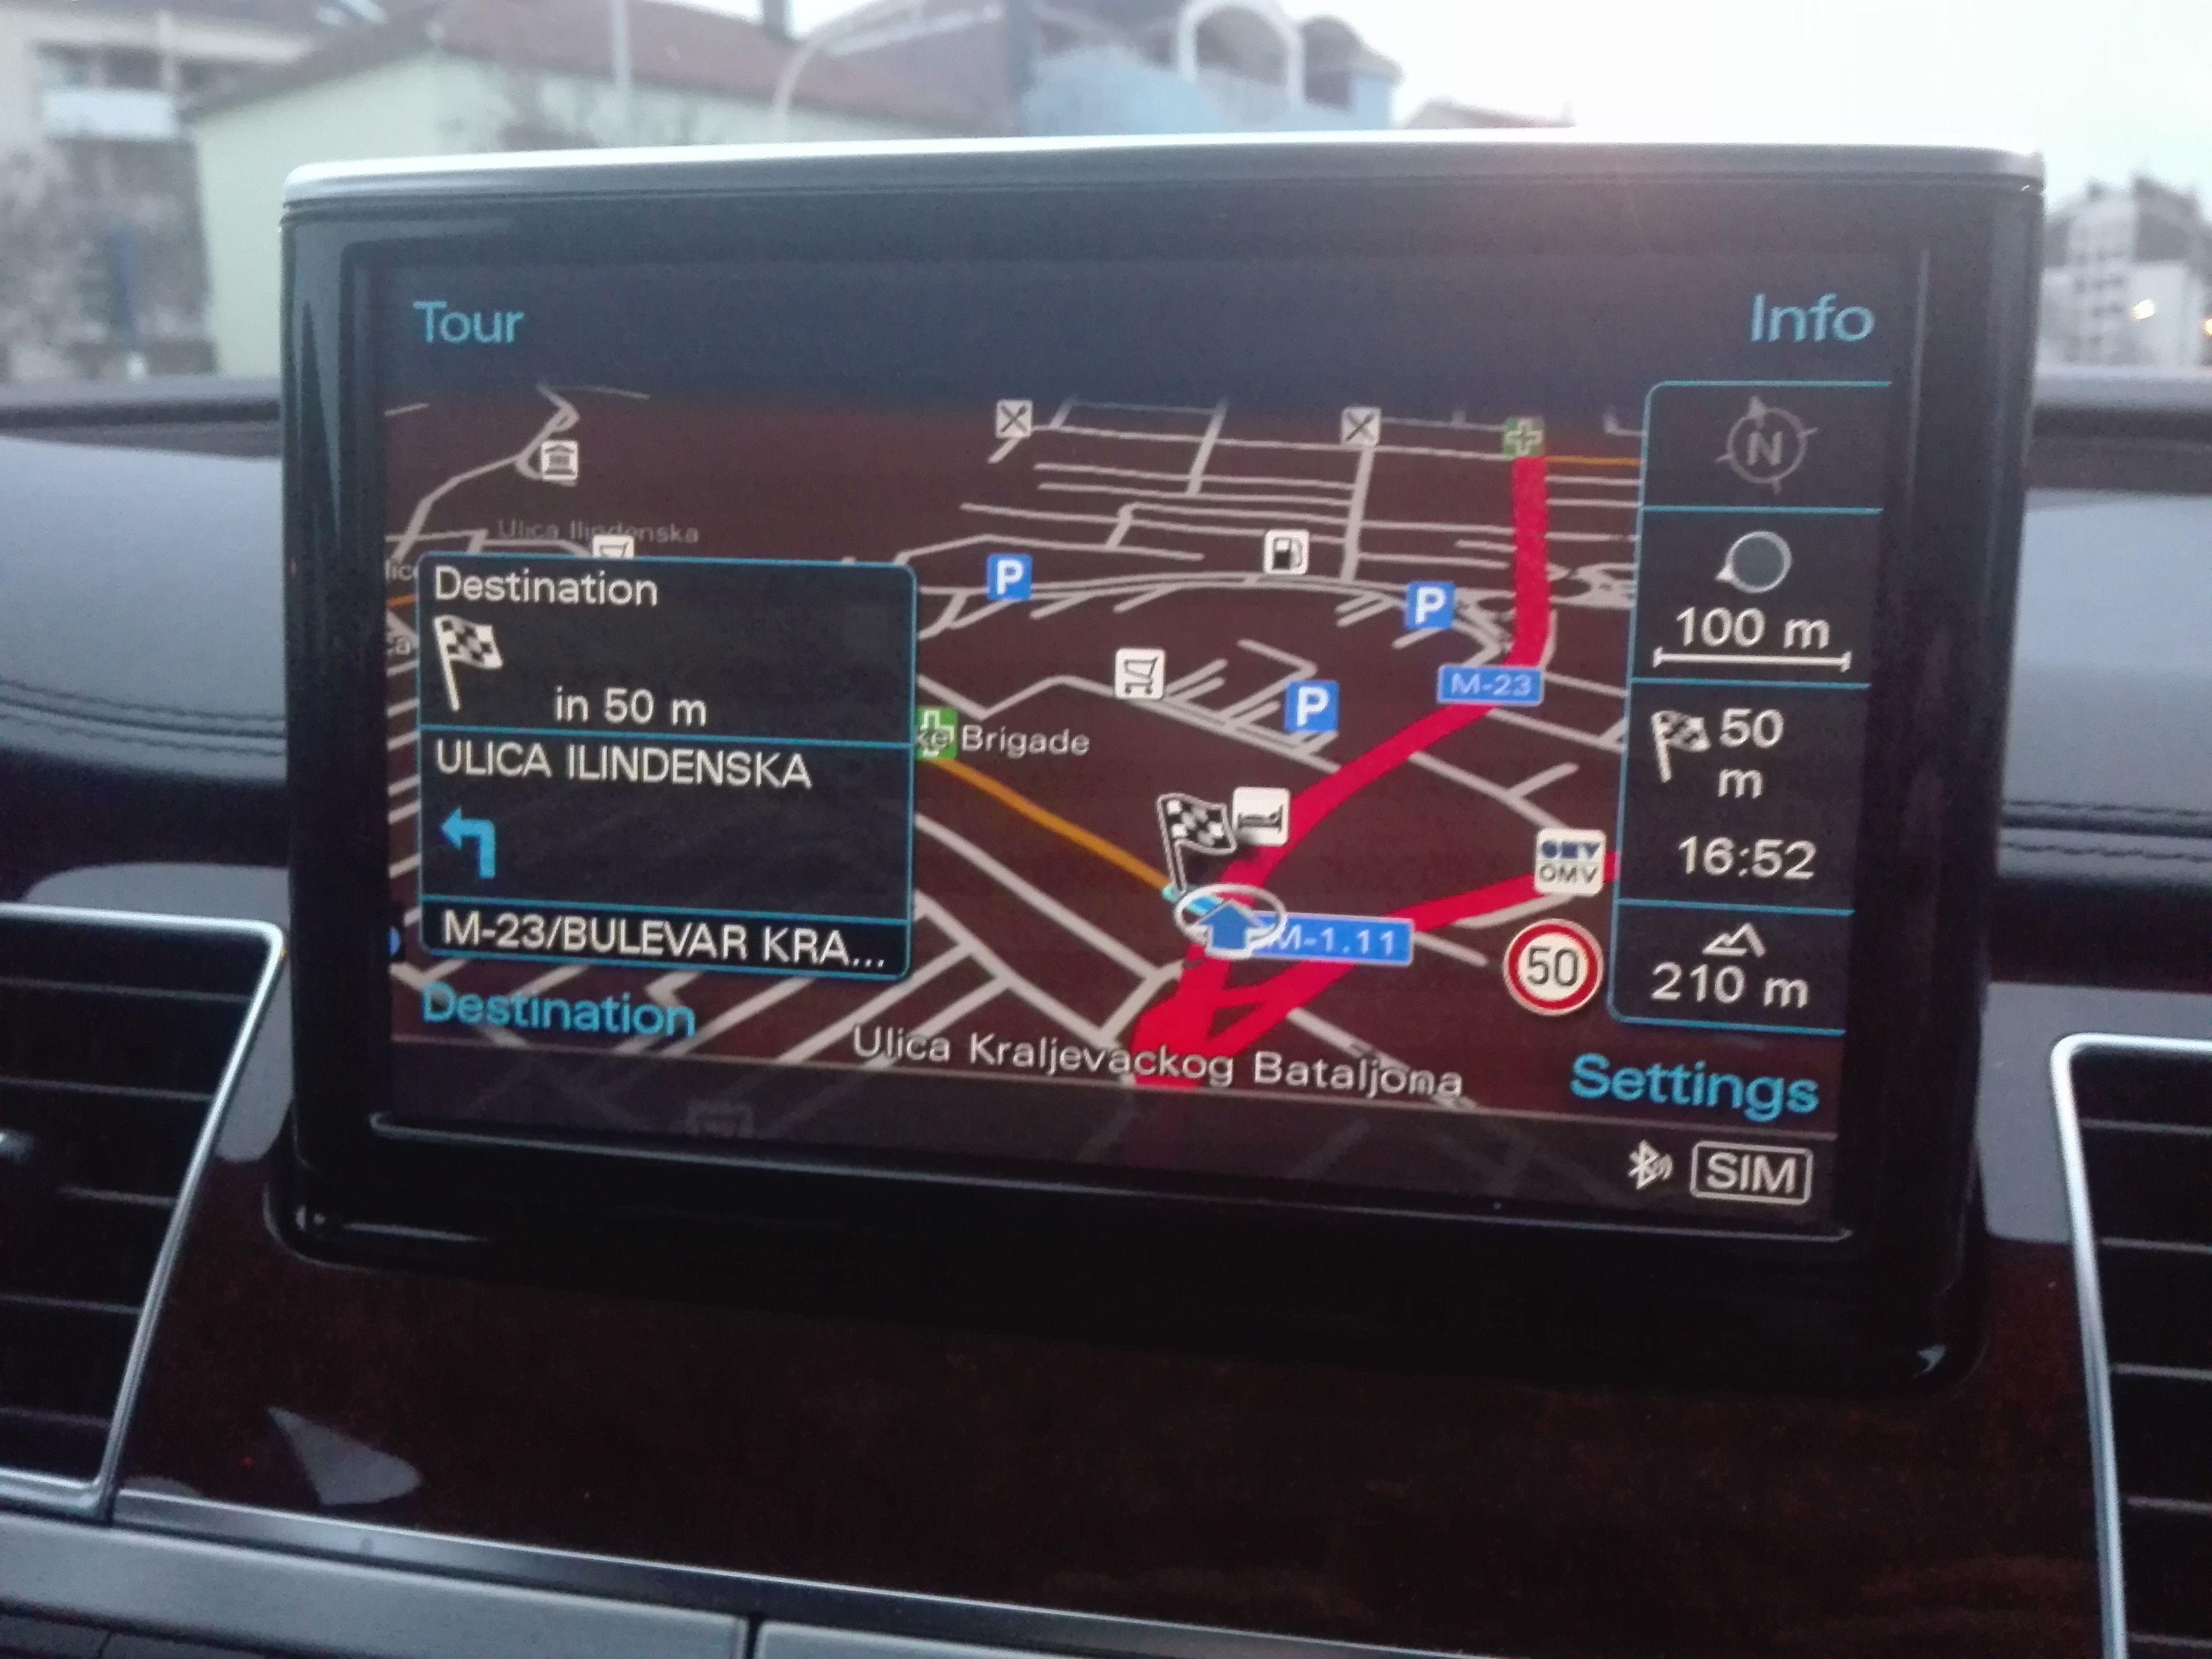 Navigacione mape Evrope 2019 za Audi MMI 3G Plus fabričke navigacije